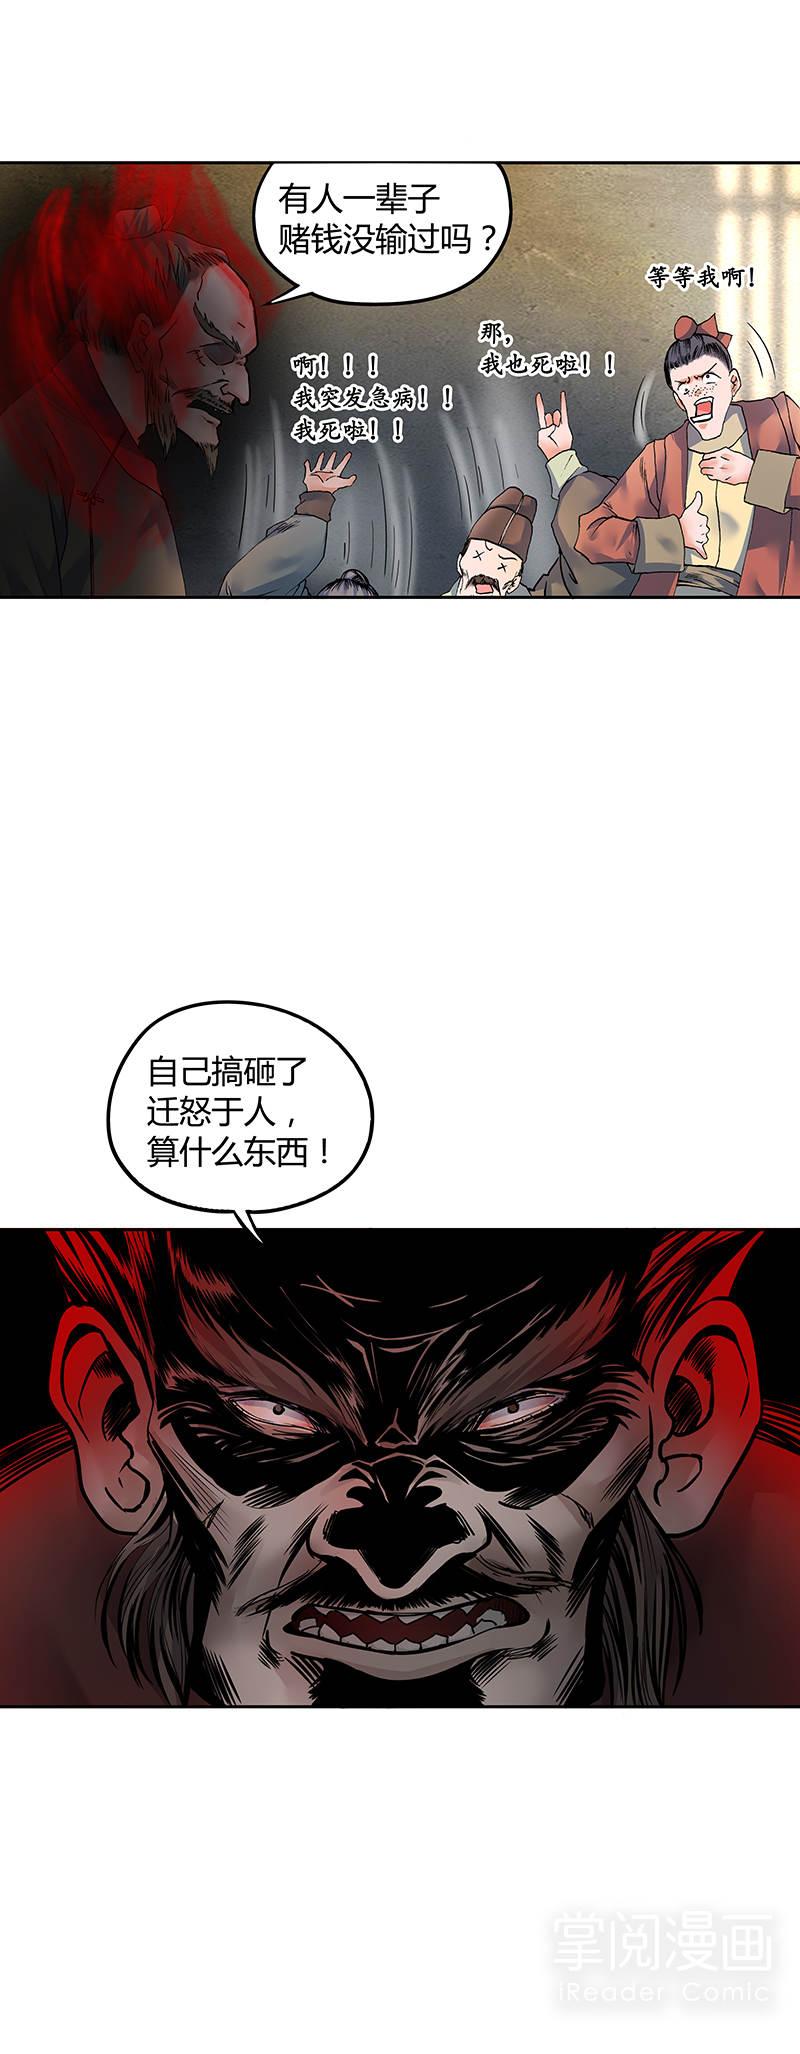 逍遥游第17话  百斩人屠亦我师 第 7